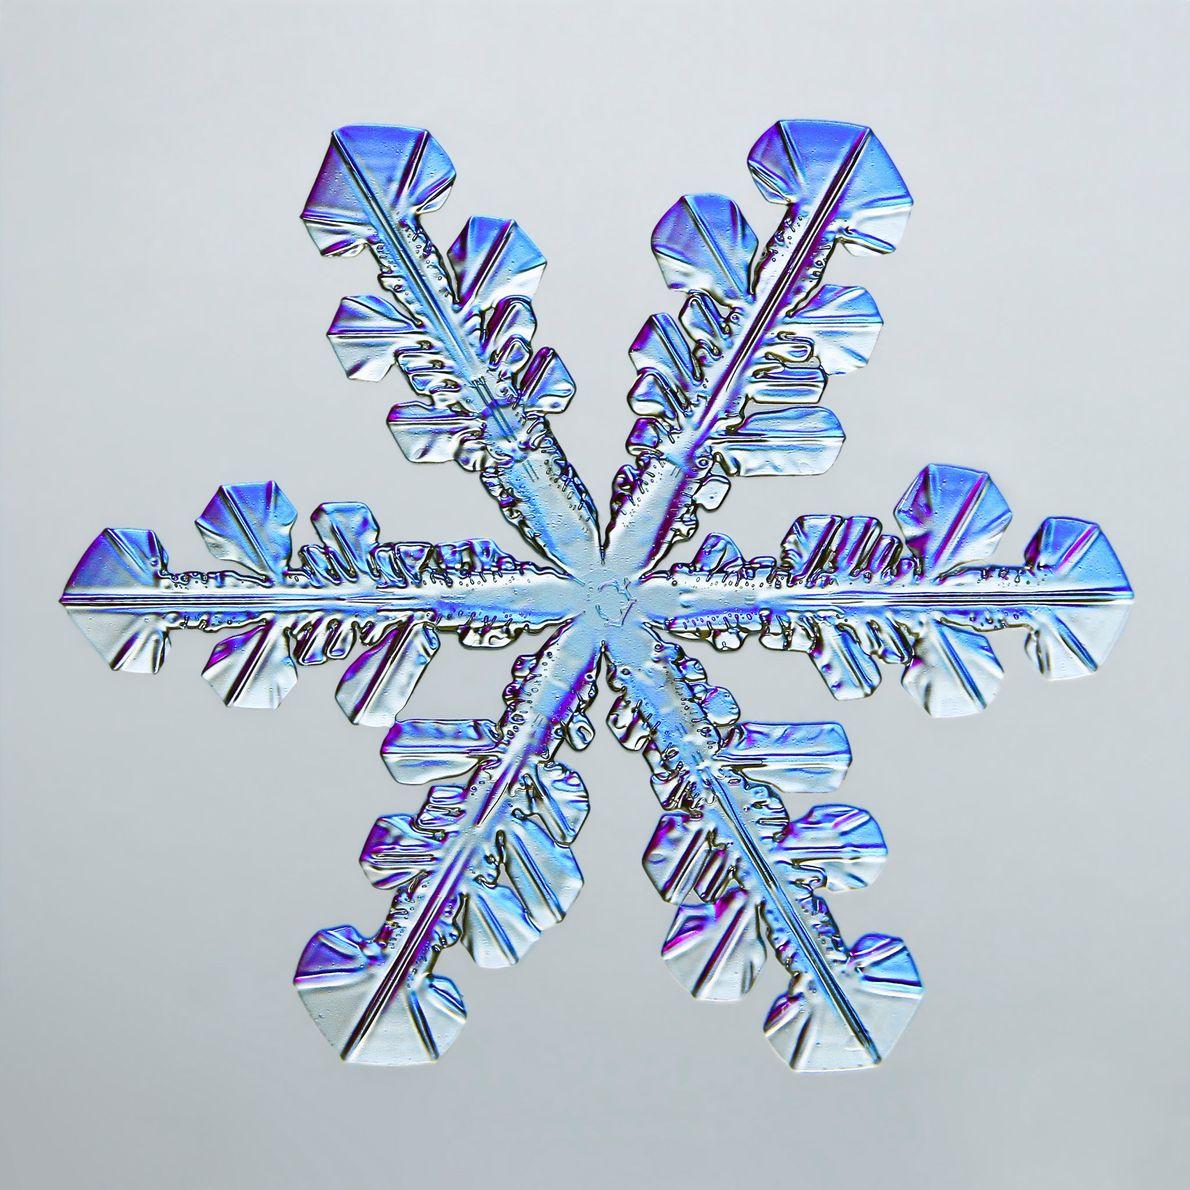 Diversas facetas hexagonais de um floco de neve brilham em tons de azul e roxo, graças ...